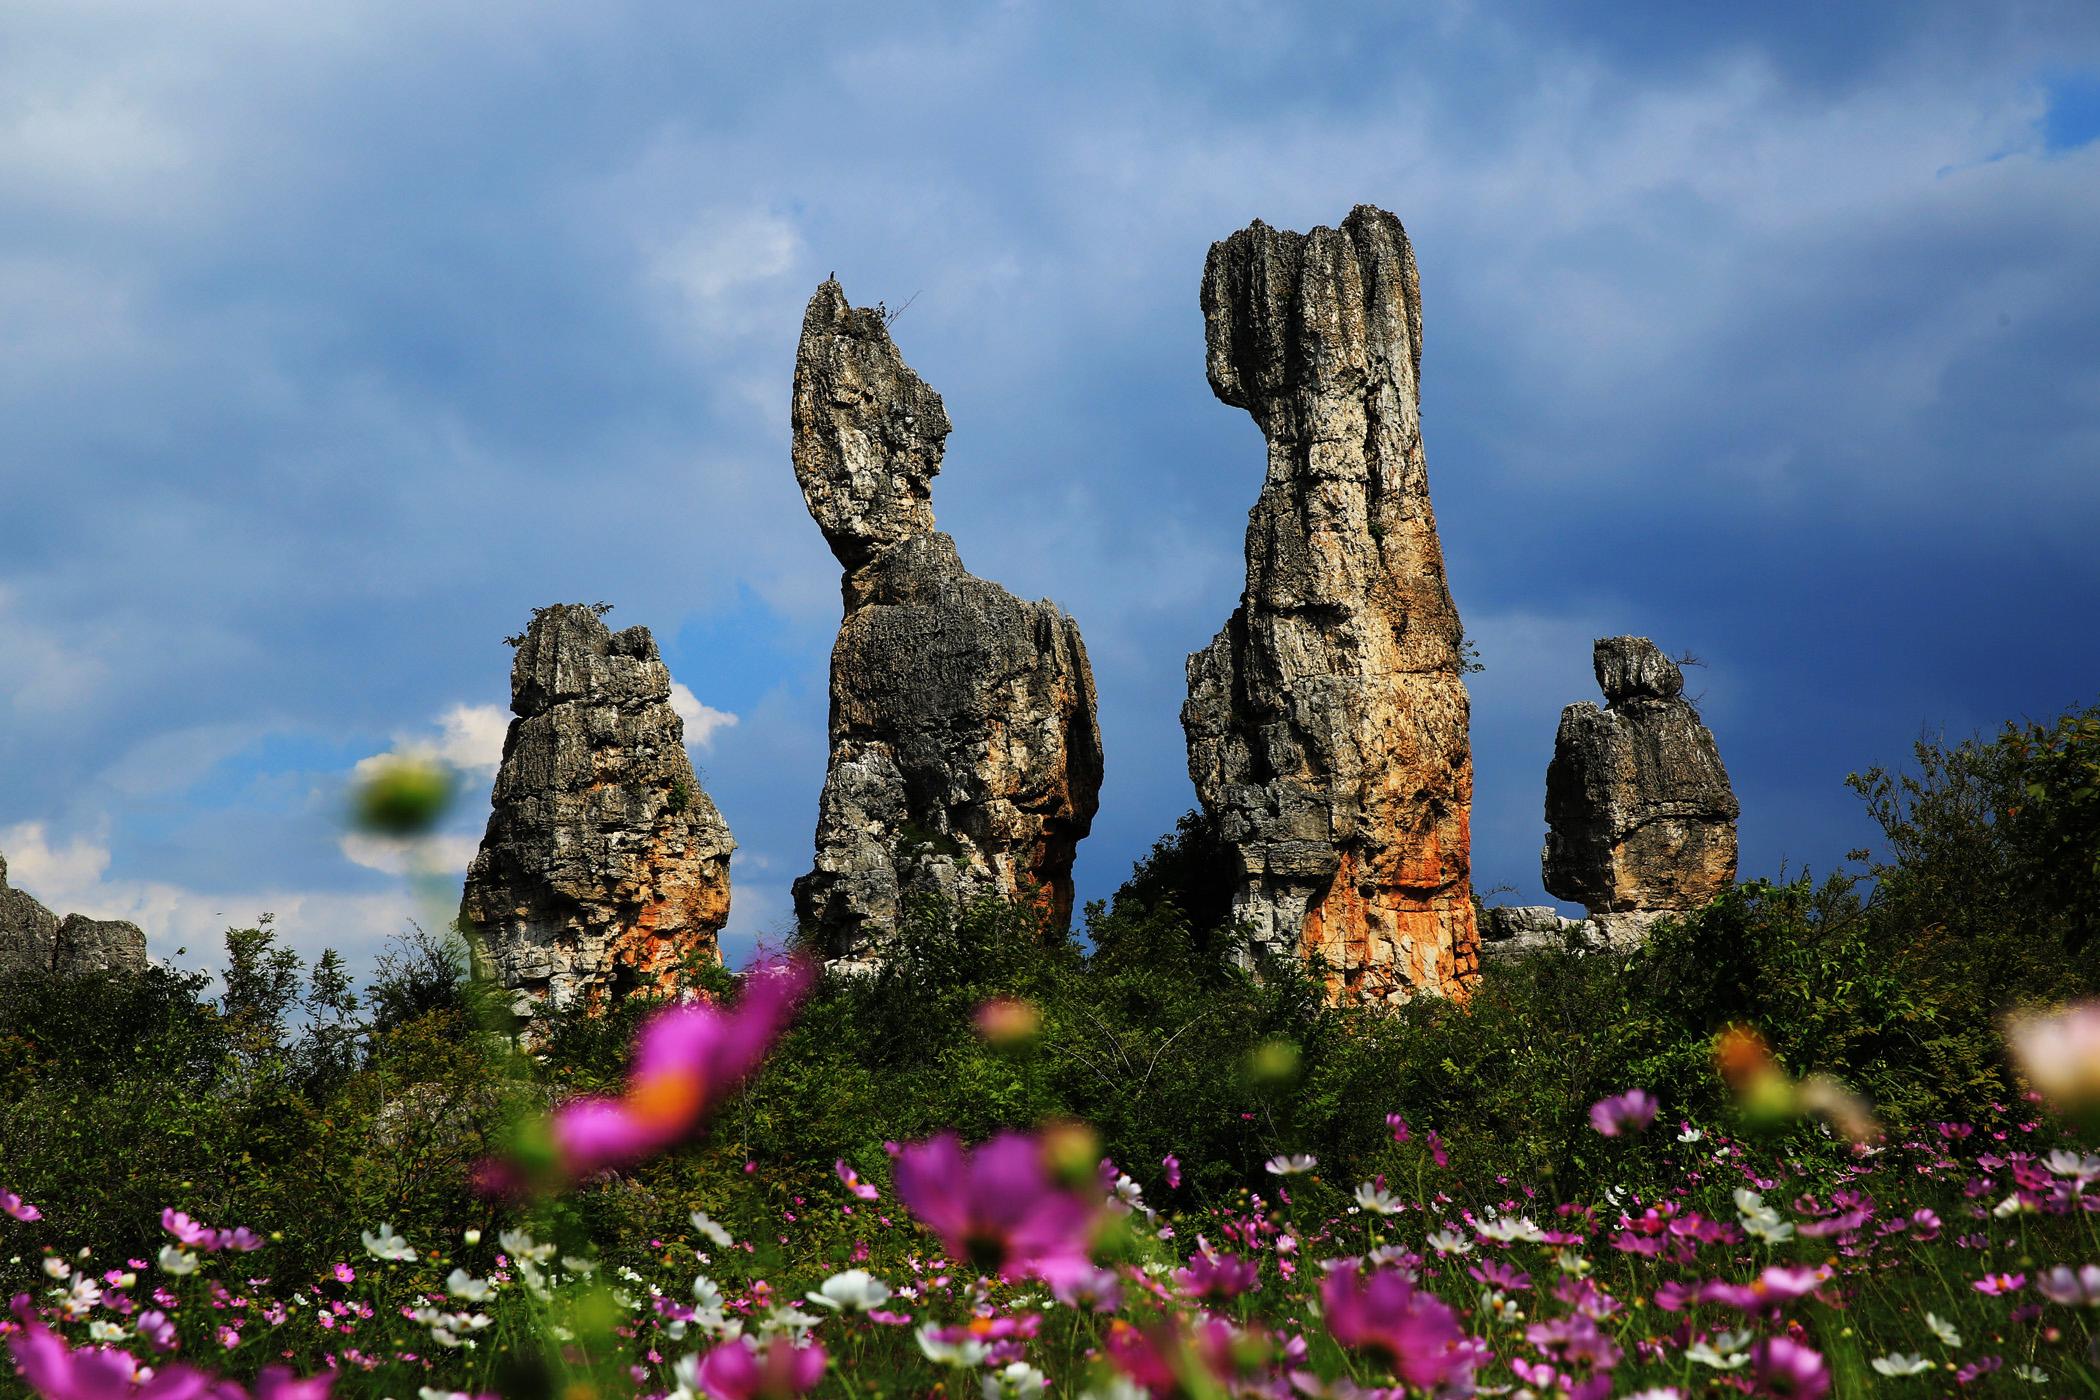 后前往餐厅早餐 07:00早餐后游览阿诗玛的故乡--【乃古石林】旧名石门